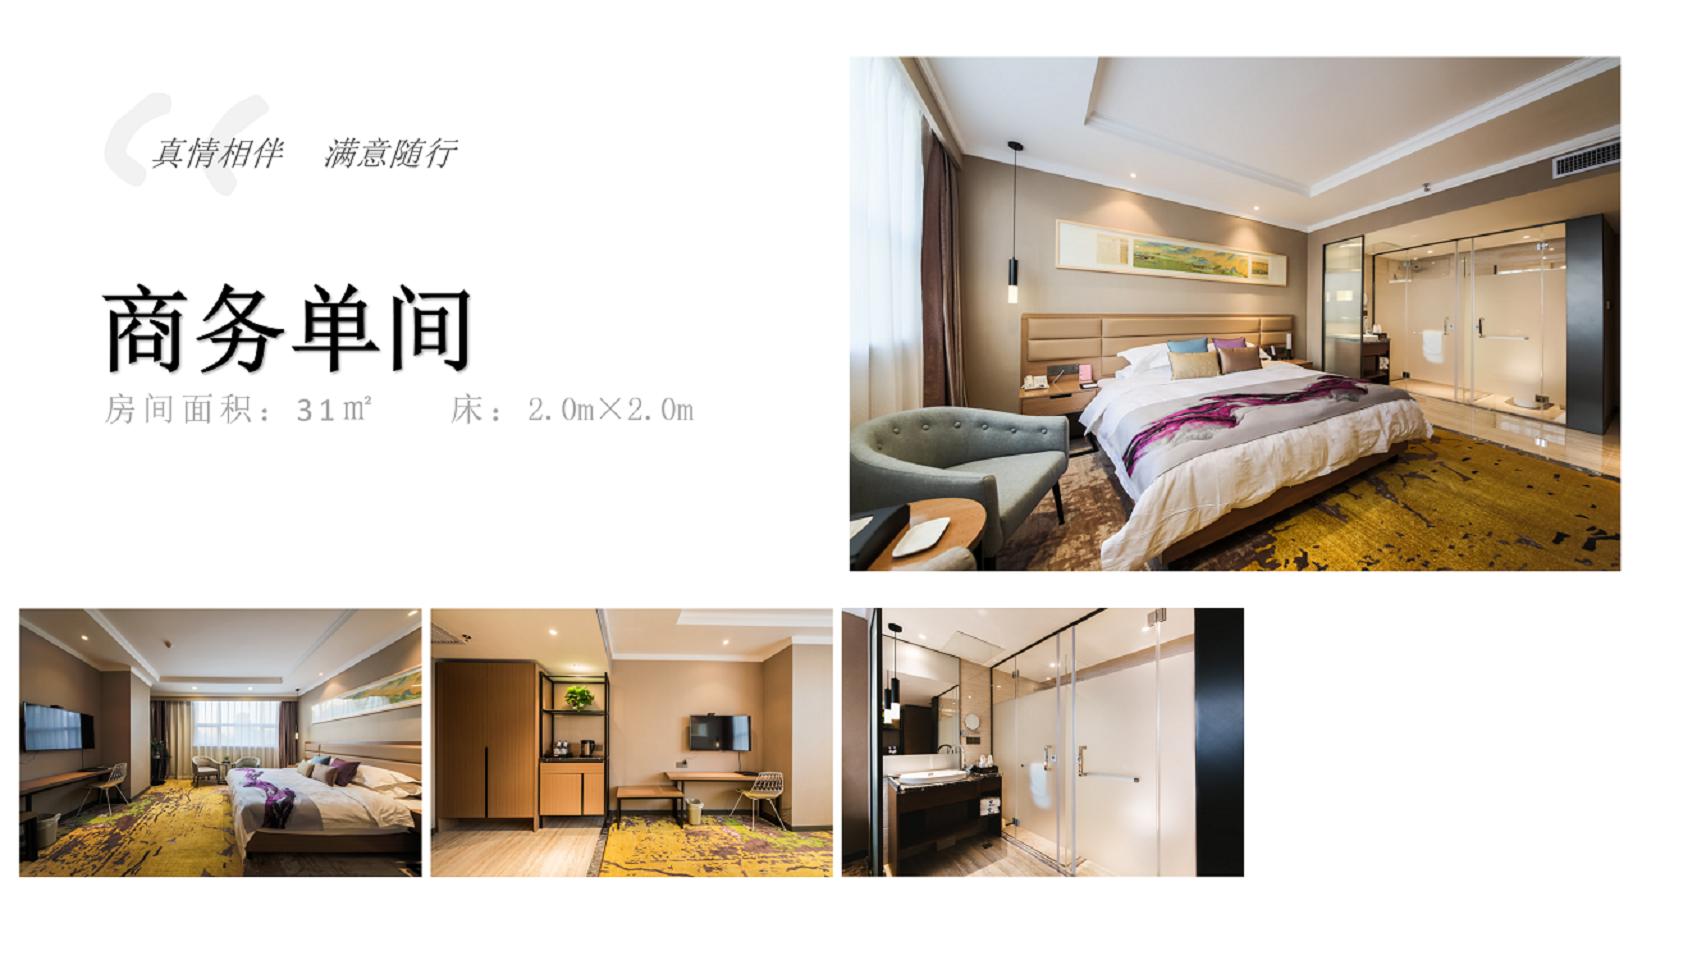 云美旅国际酒店_05.png